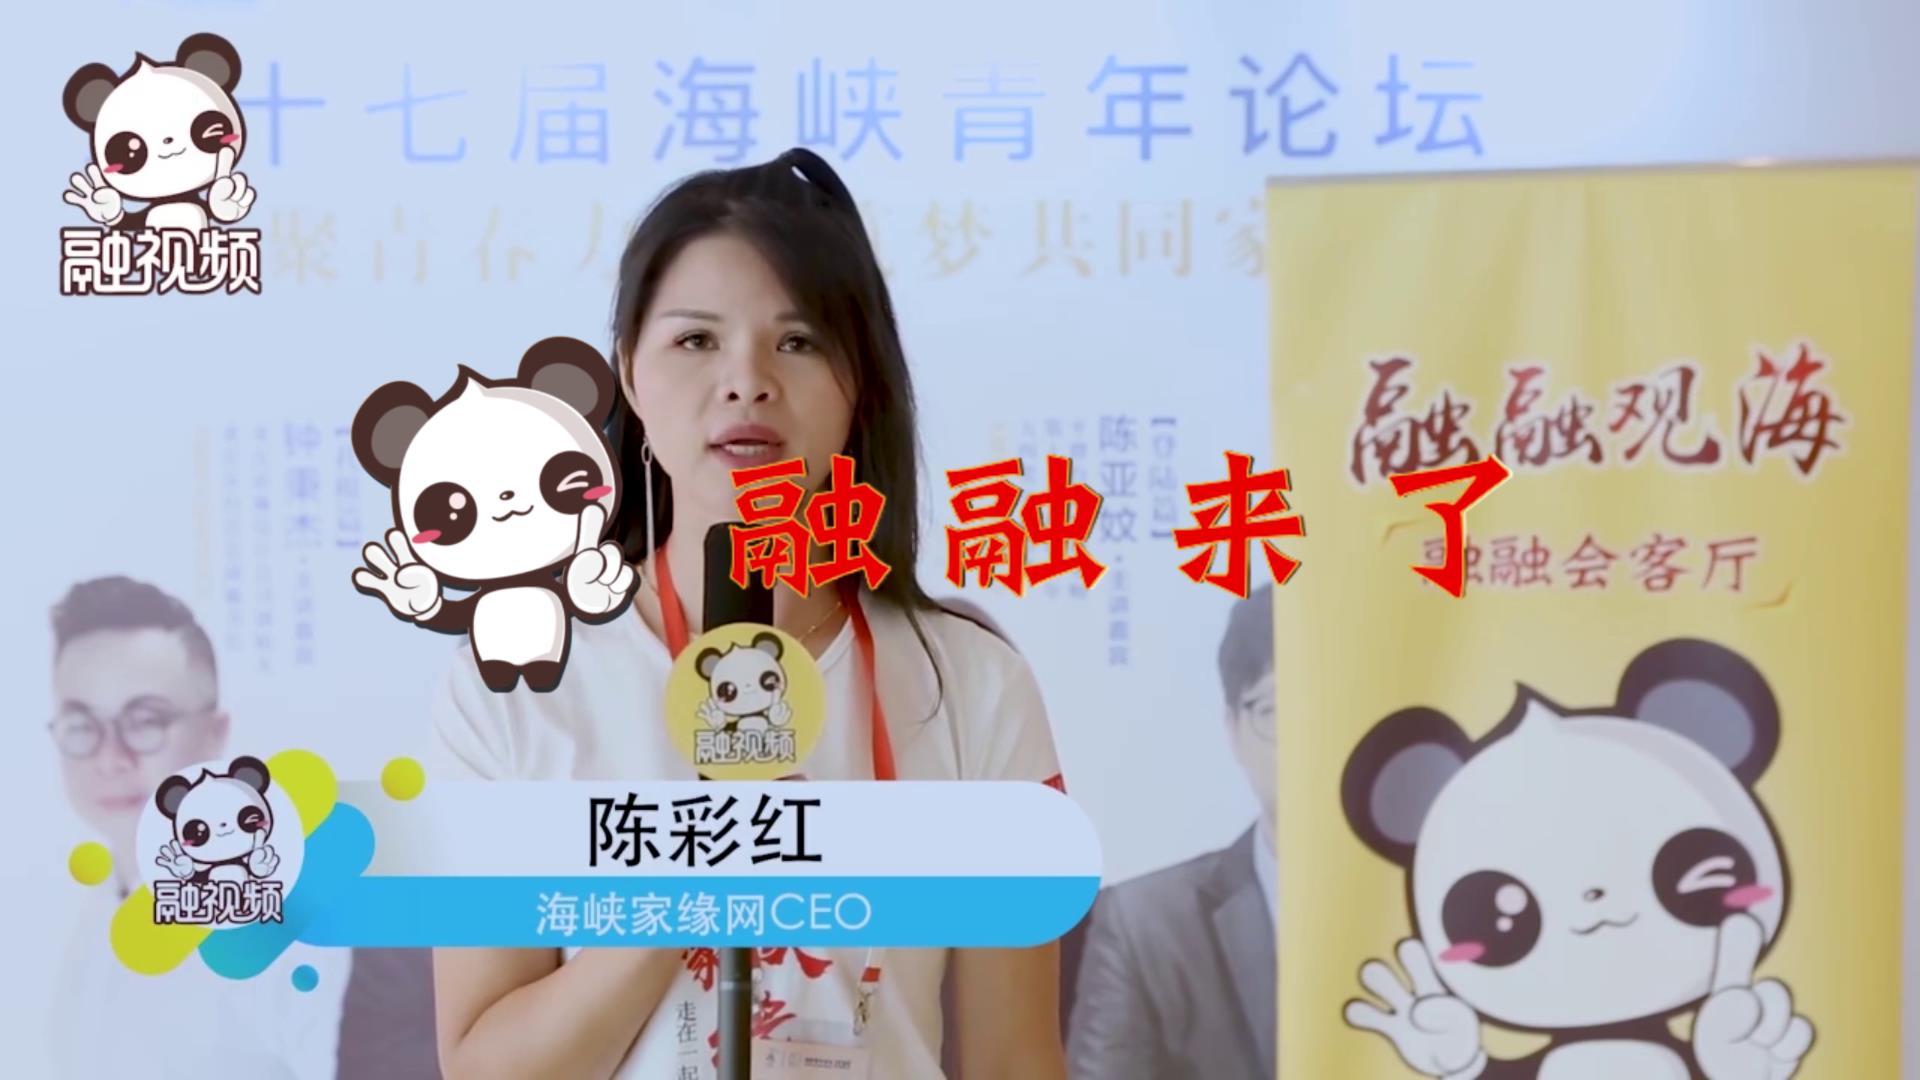 """""""海峡家缘网CEO陈彩红:""""31条""""让台湾青年了解真实的大陆图片"""